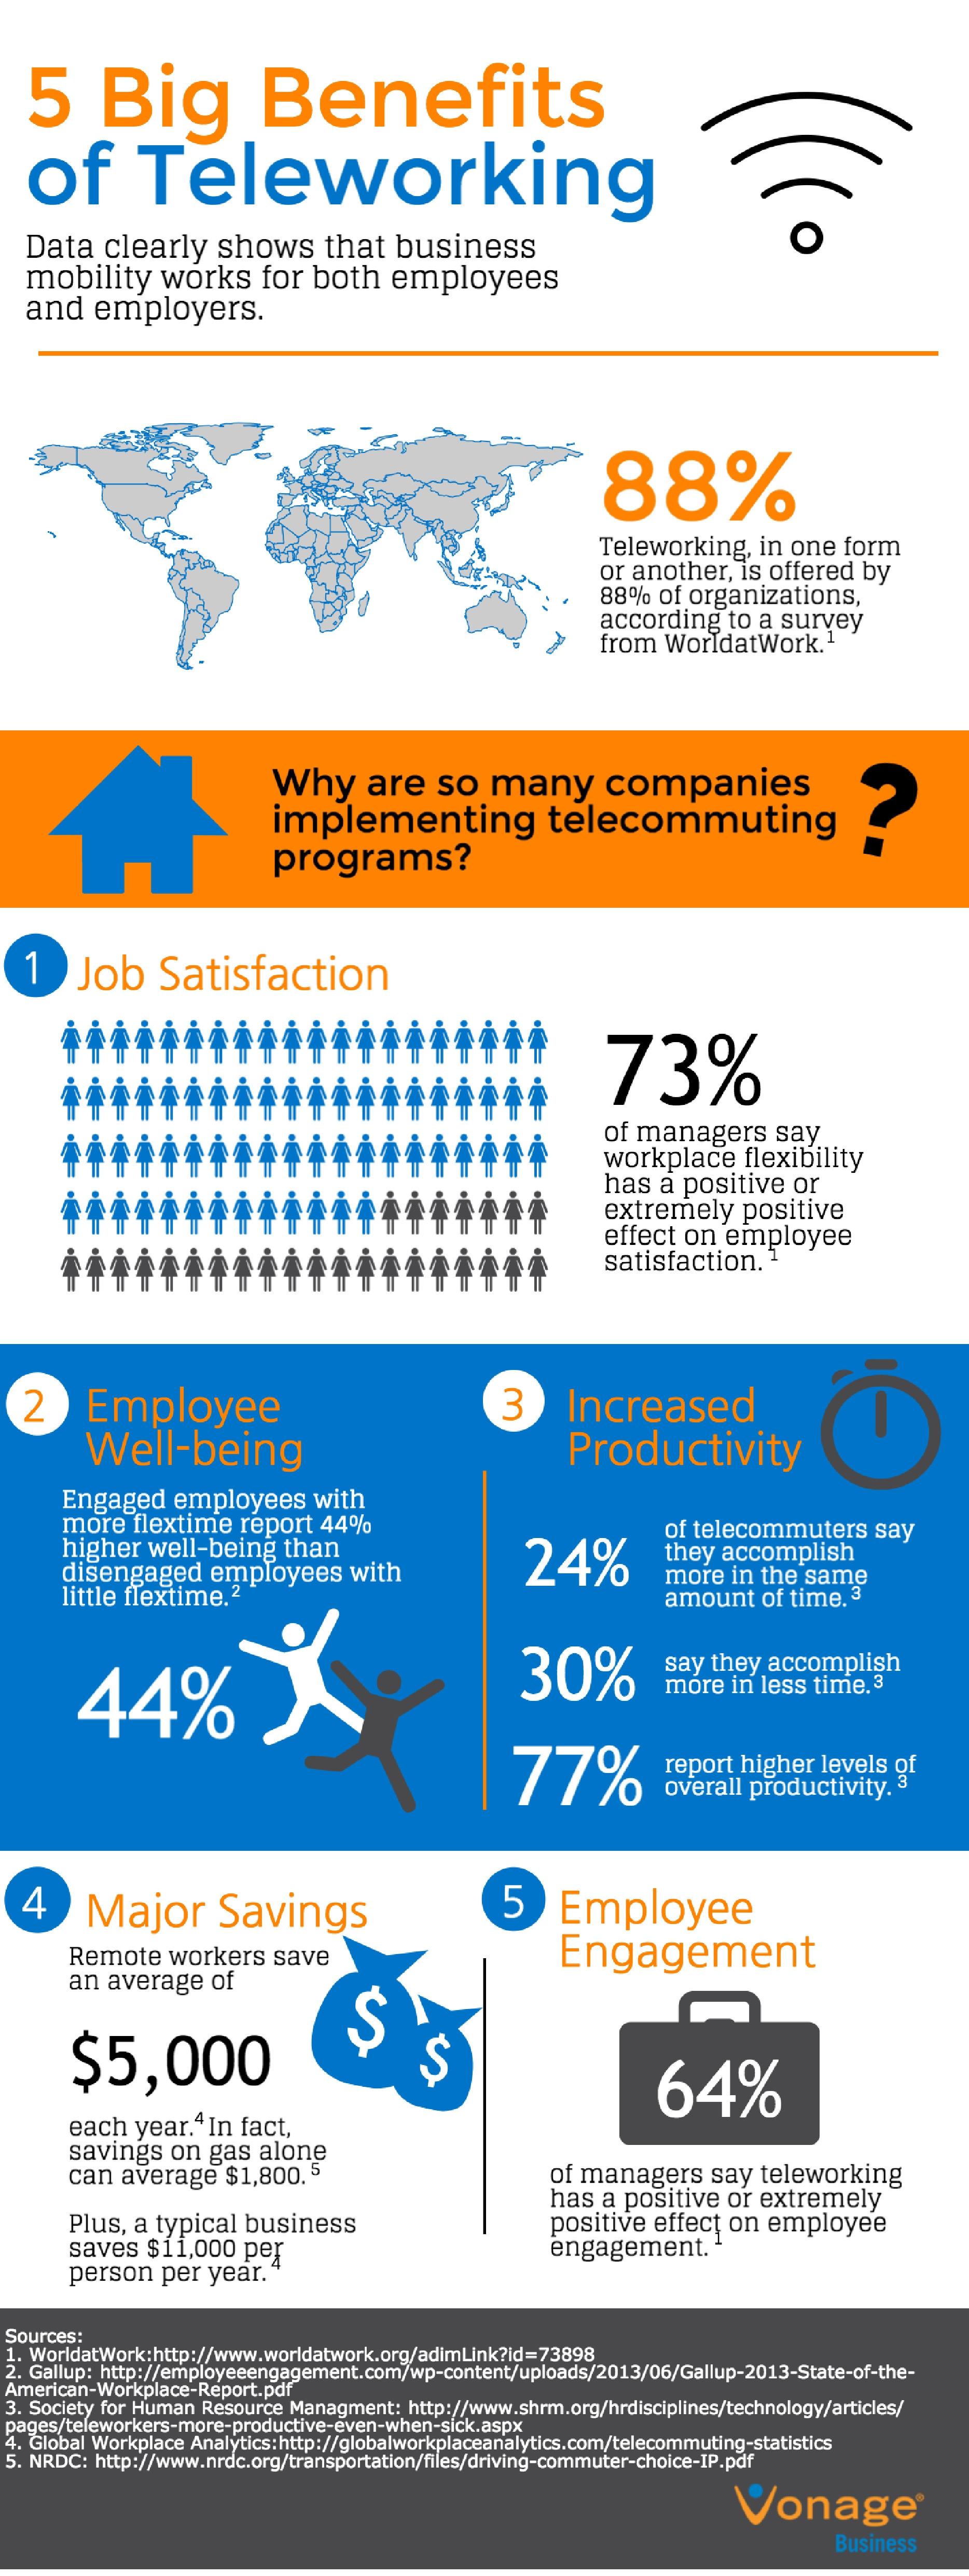 telecommuting a benefit employees wish employers Telecommuting advantages and disadvantages for employers by of employees, telecommuting is of huge by employees: employers always benefit more from.